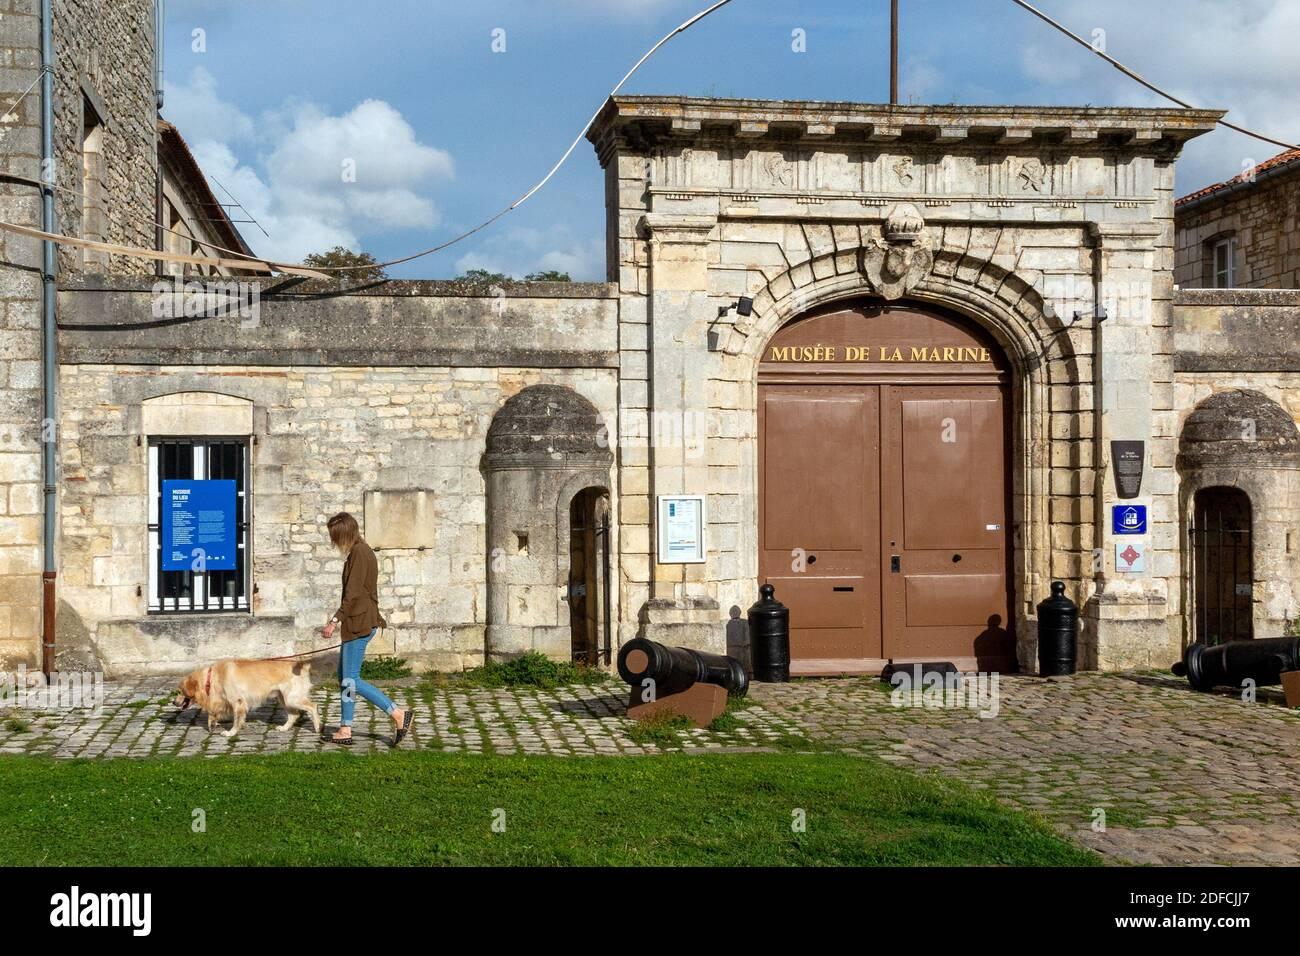 MARINE MUSEUM, ROCHEFORT, CHARENTE-MARITIME, FRANCE Stock Photo